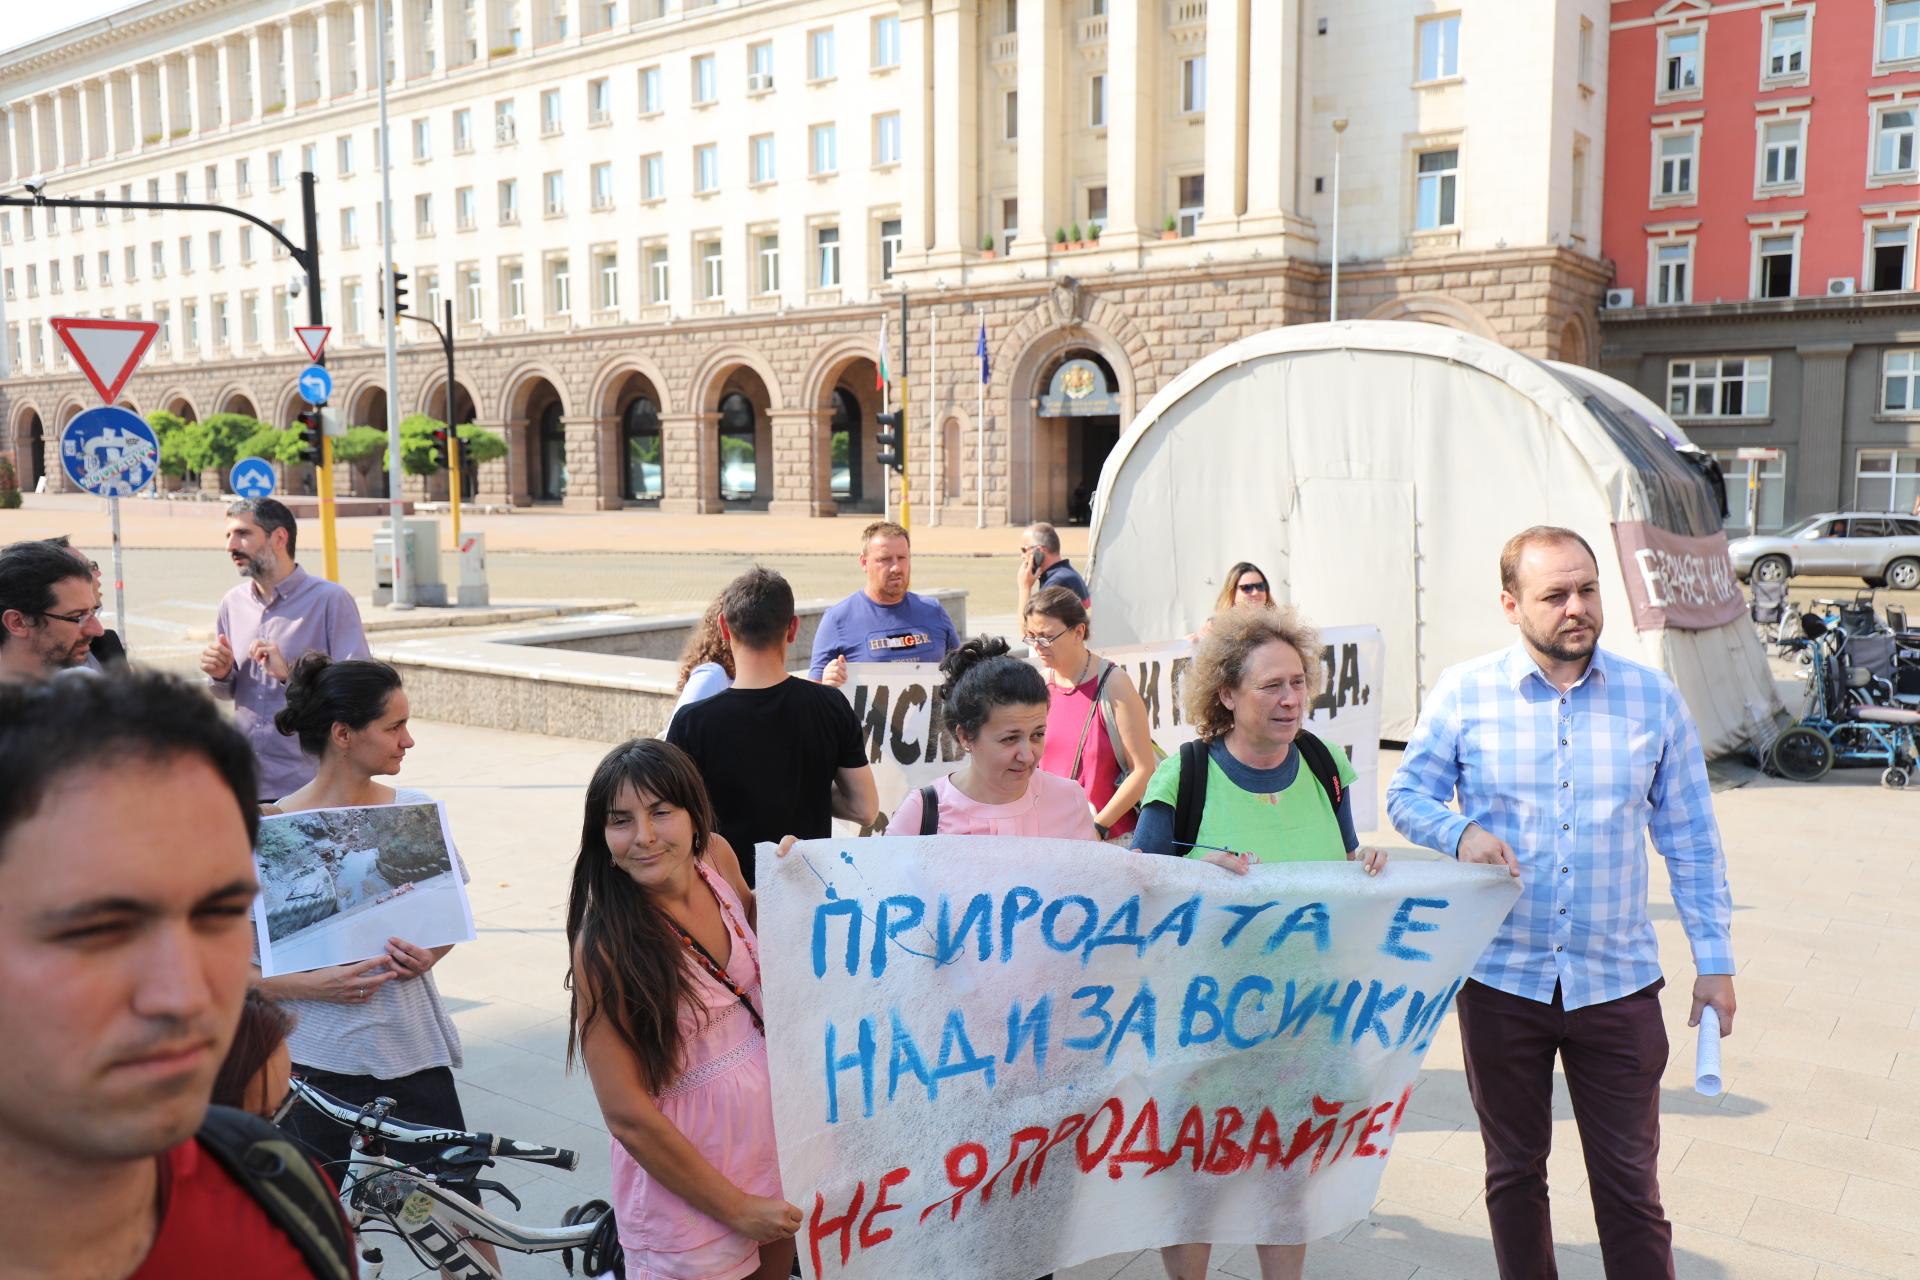 Протести на ловно-рибарски дружества и природозащитници се проведоха в няколко града на България тази вечер. Причината са предложения за промени, които според недоволните, ще позволят строеж на ВЕЦ-ове и унищожаване на околната среда.